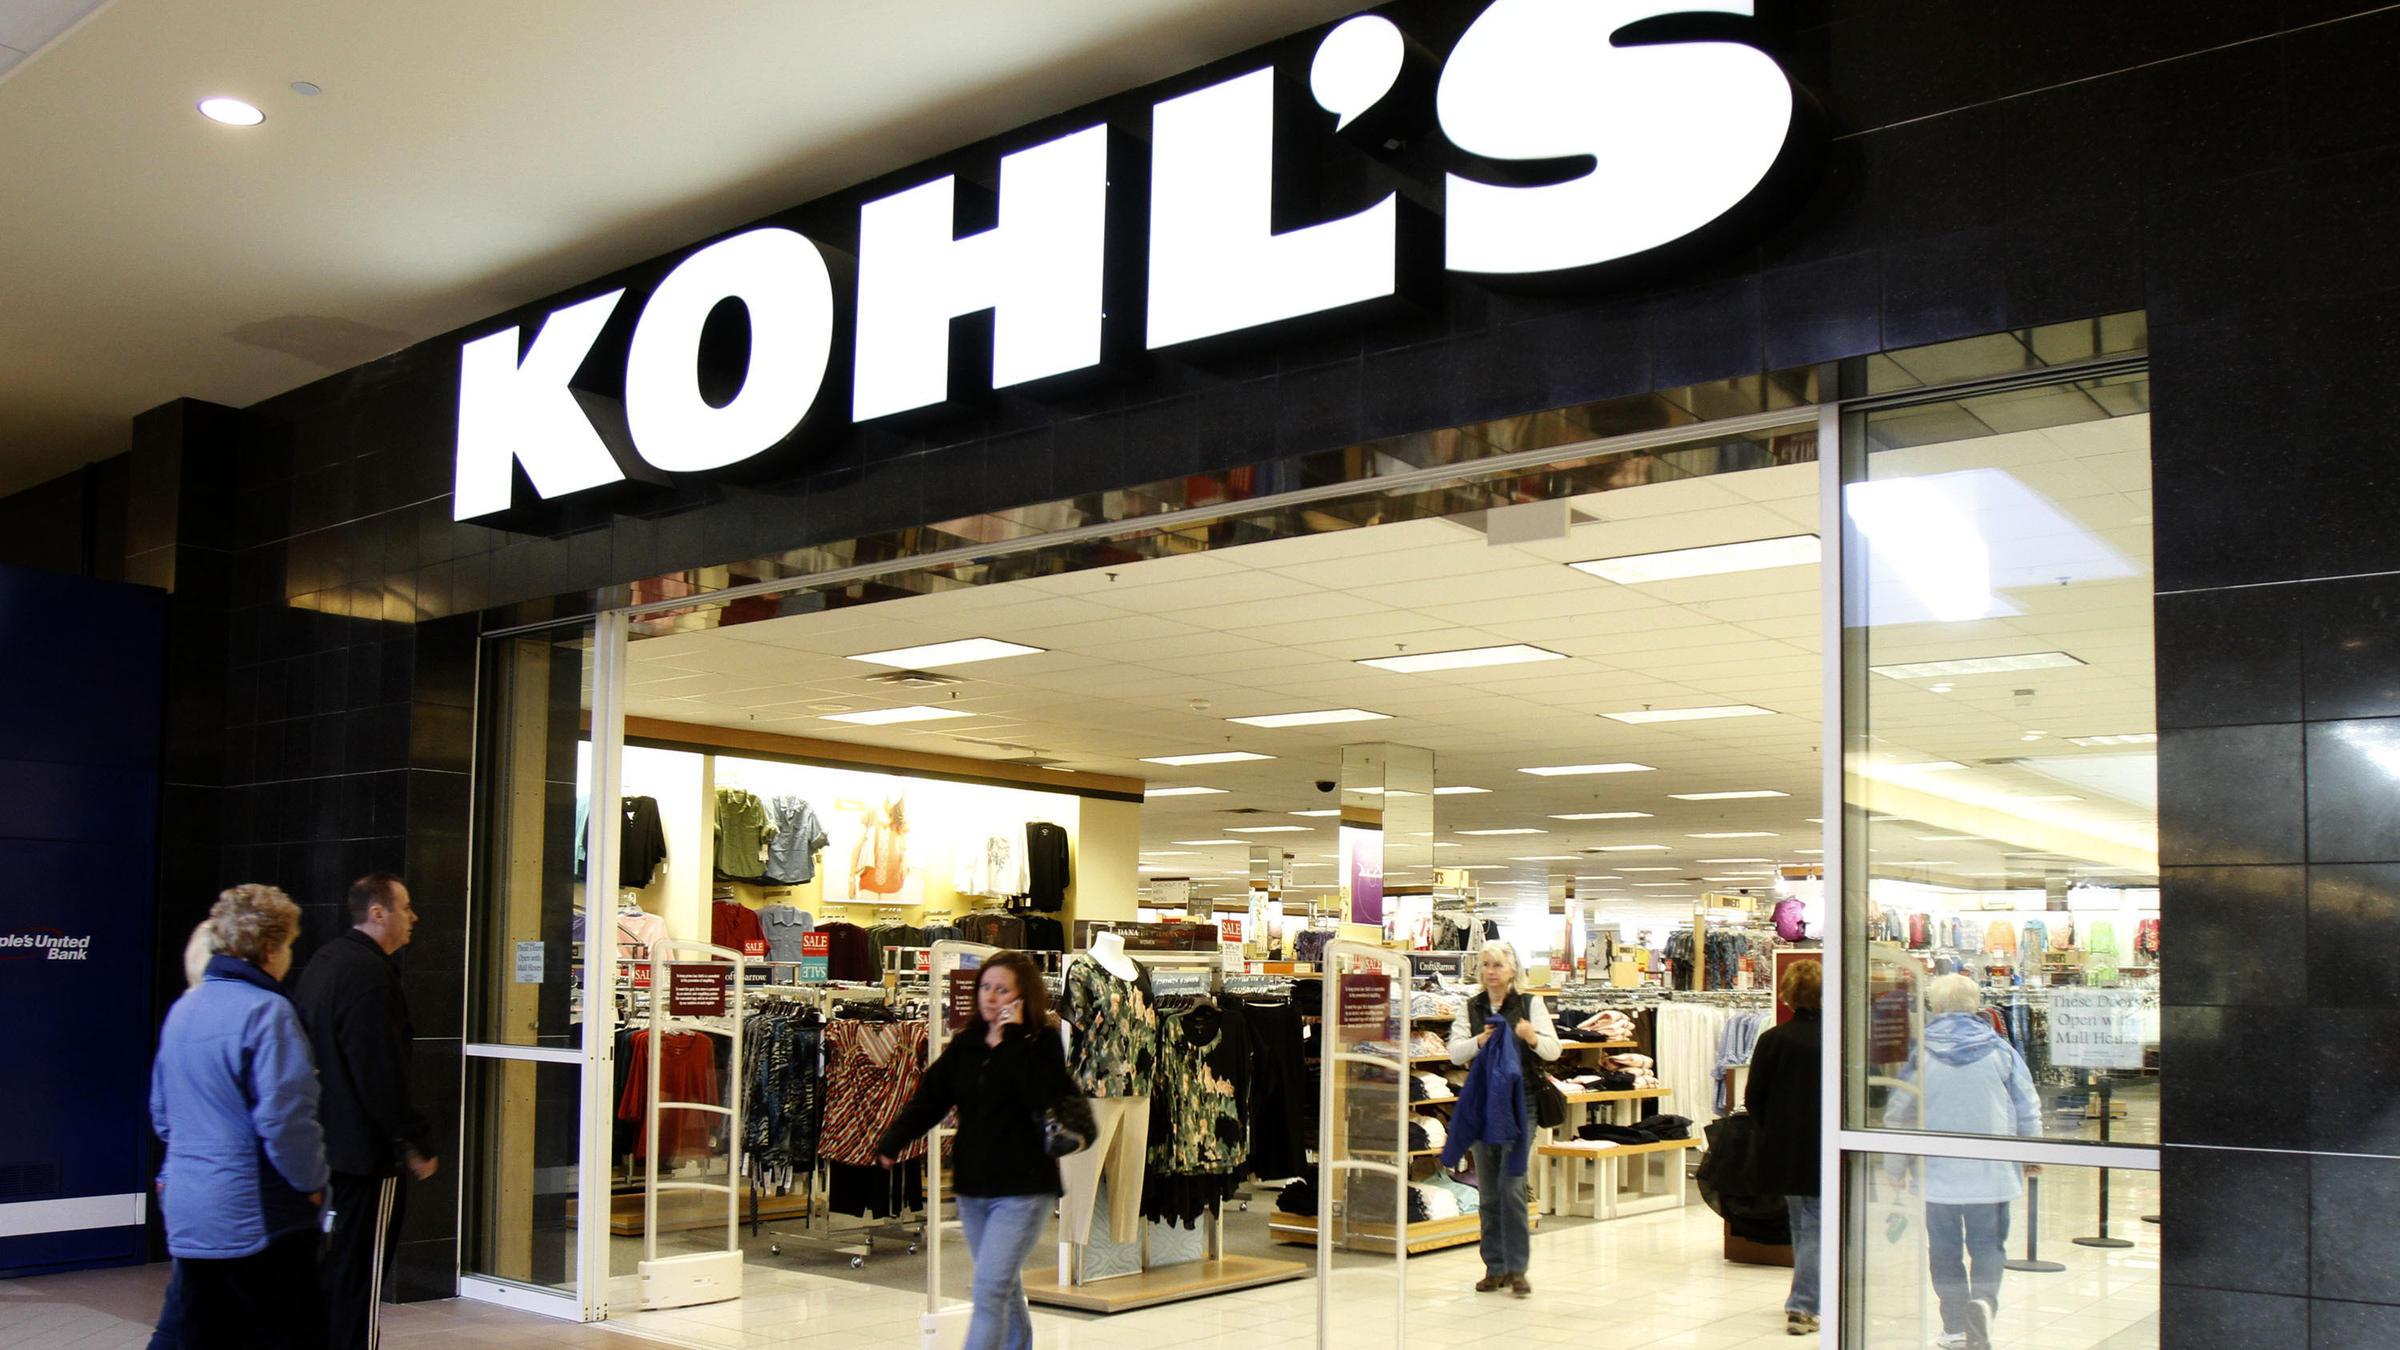 Сбор заказов. K-o-h-l-s - универсальный магазин для всей семьи